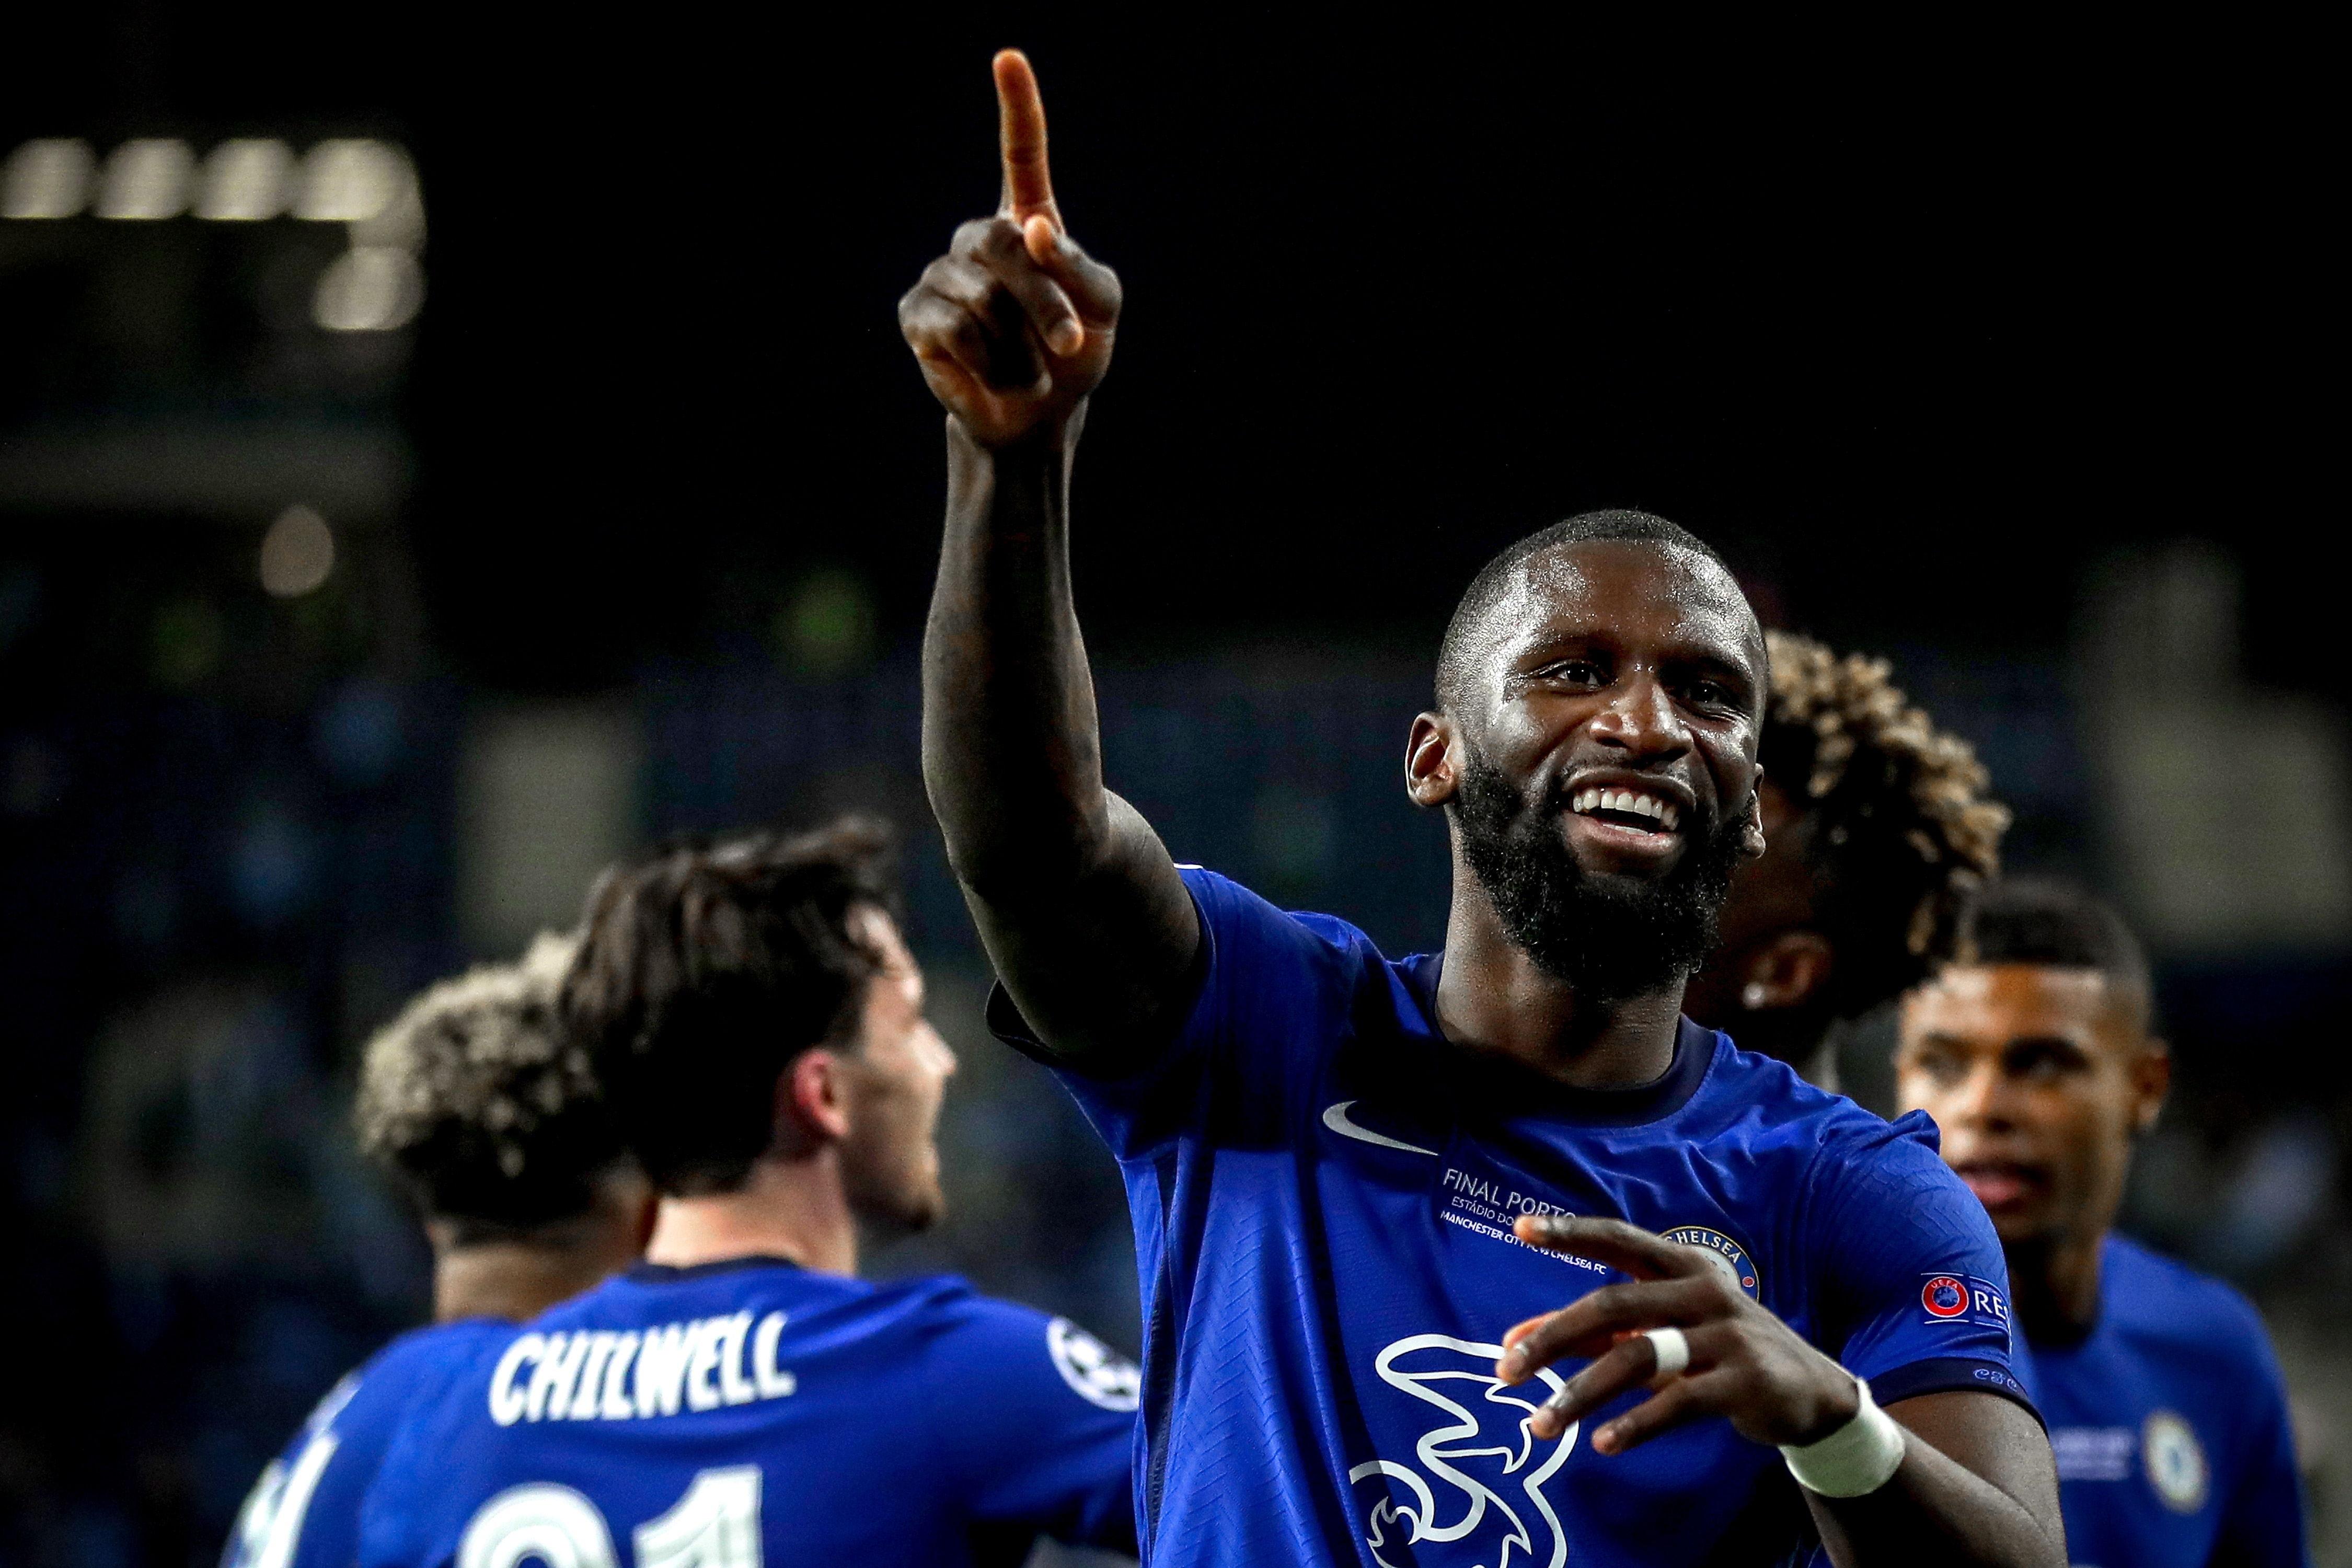 ¡Por el bicampeonato de Europa! Chelsea desea un XI inigualable 3